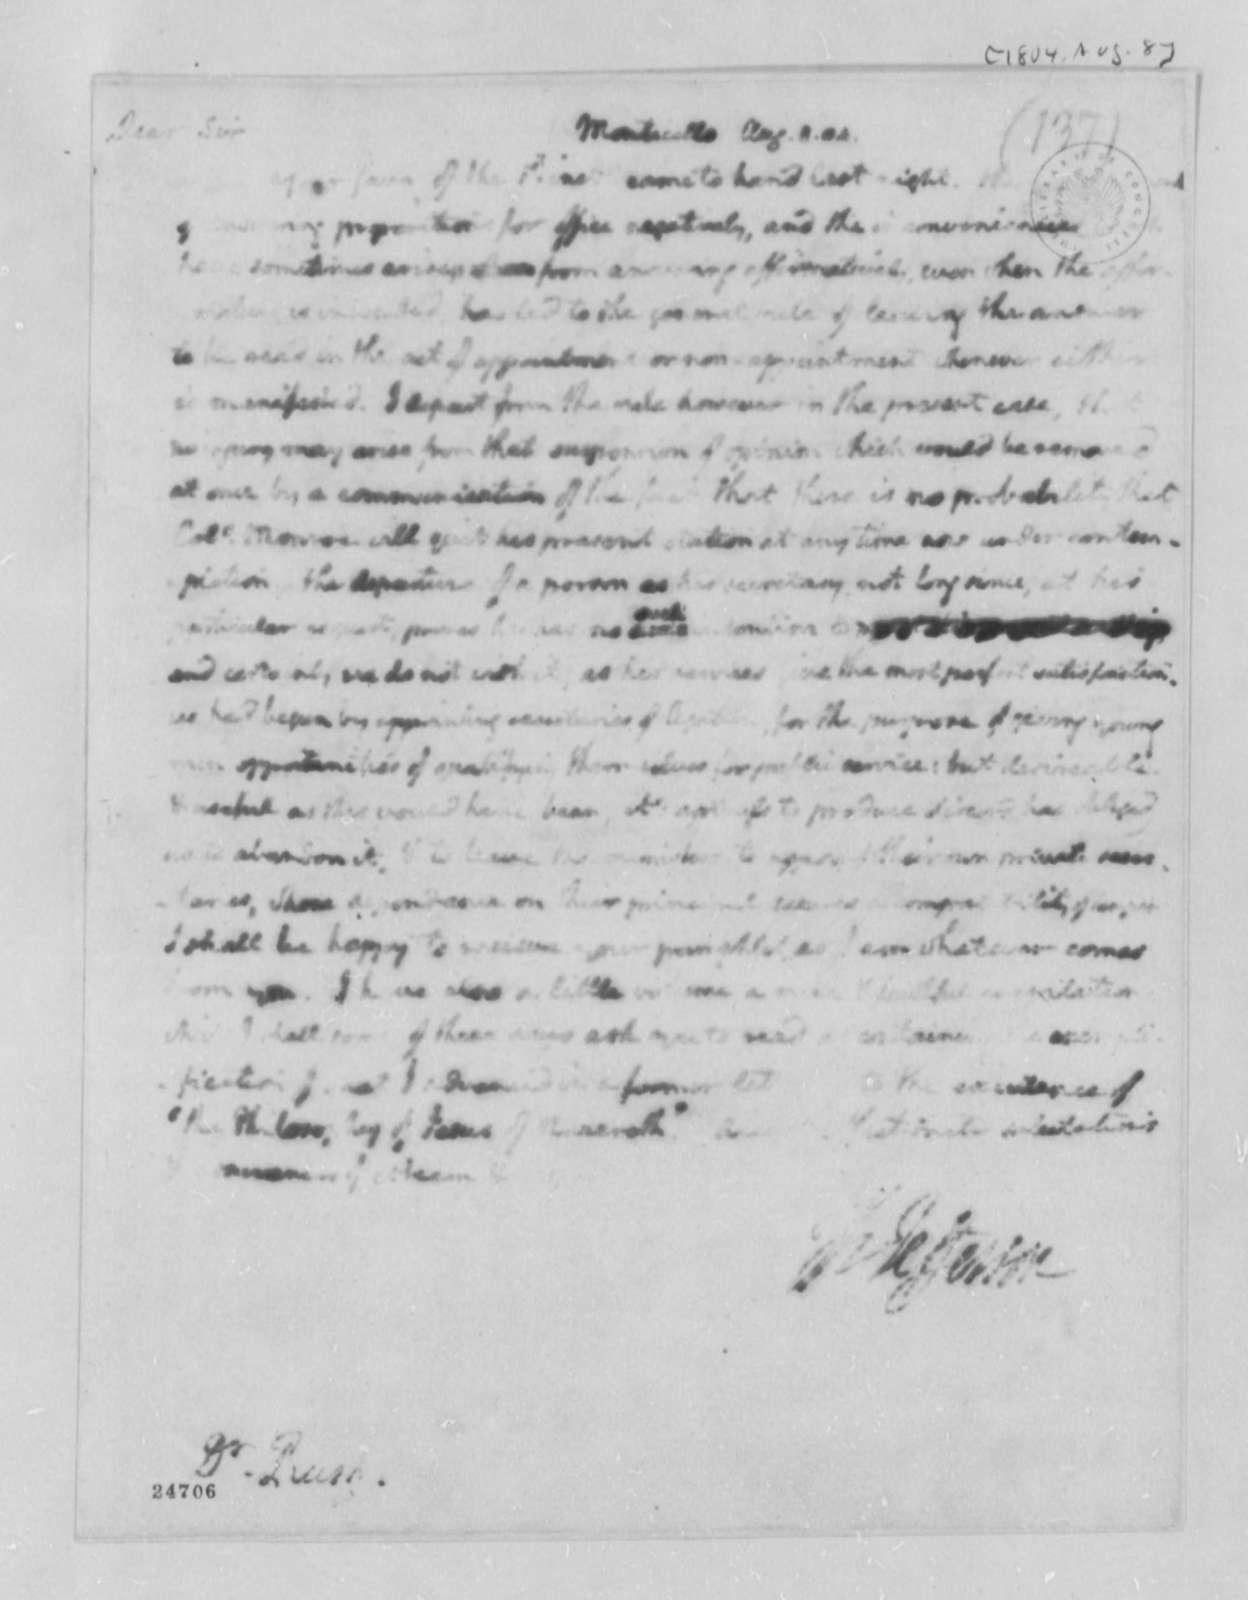 Thomas Jefferson to Benjamin Rush, August 8, 1804